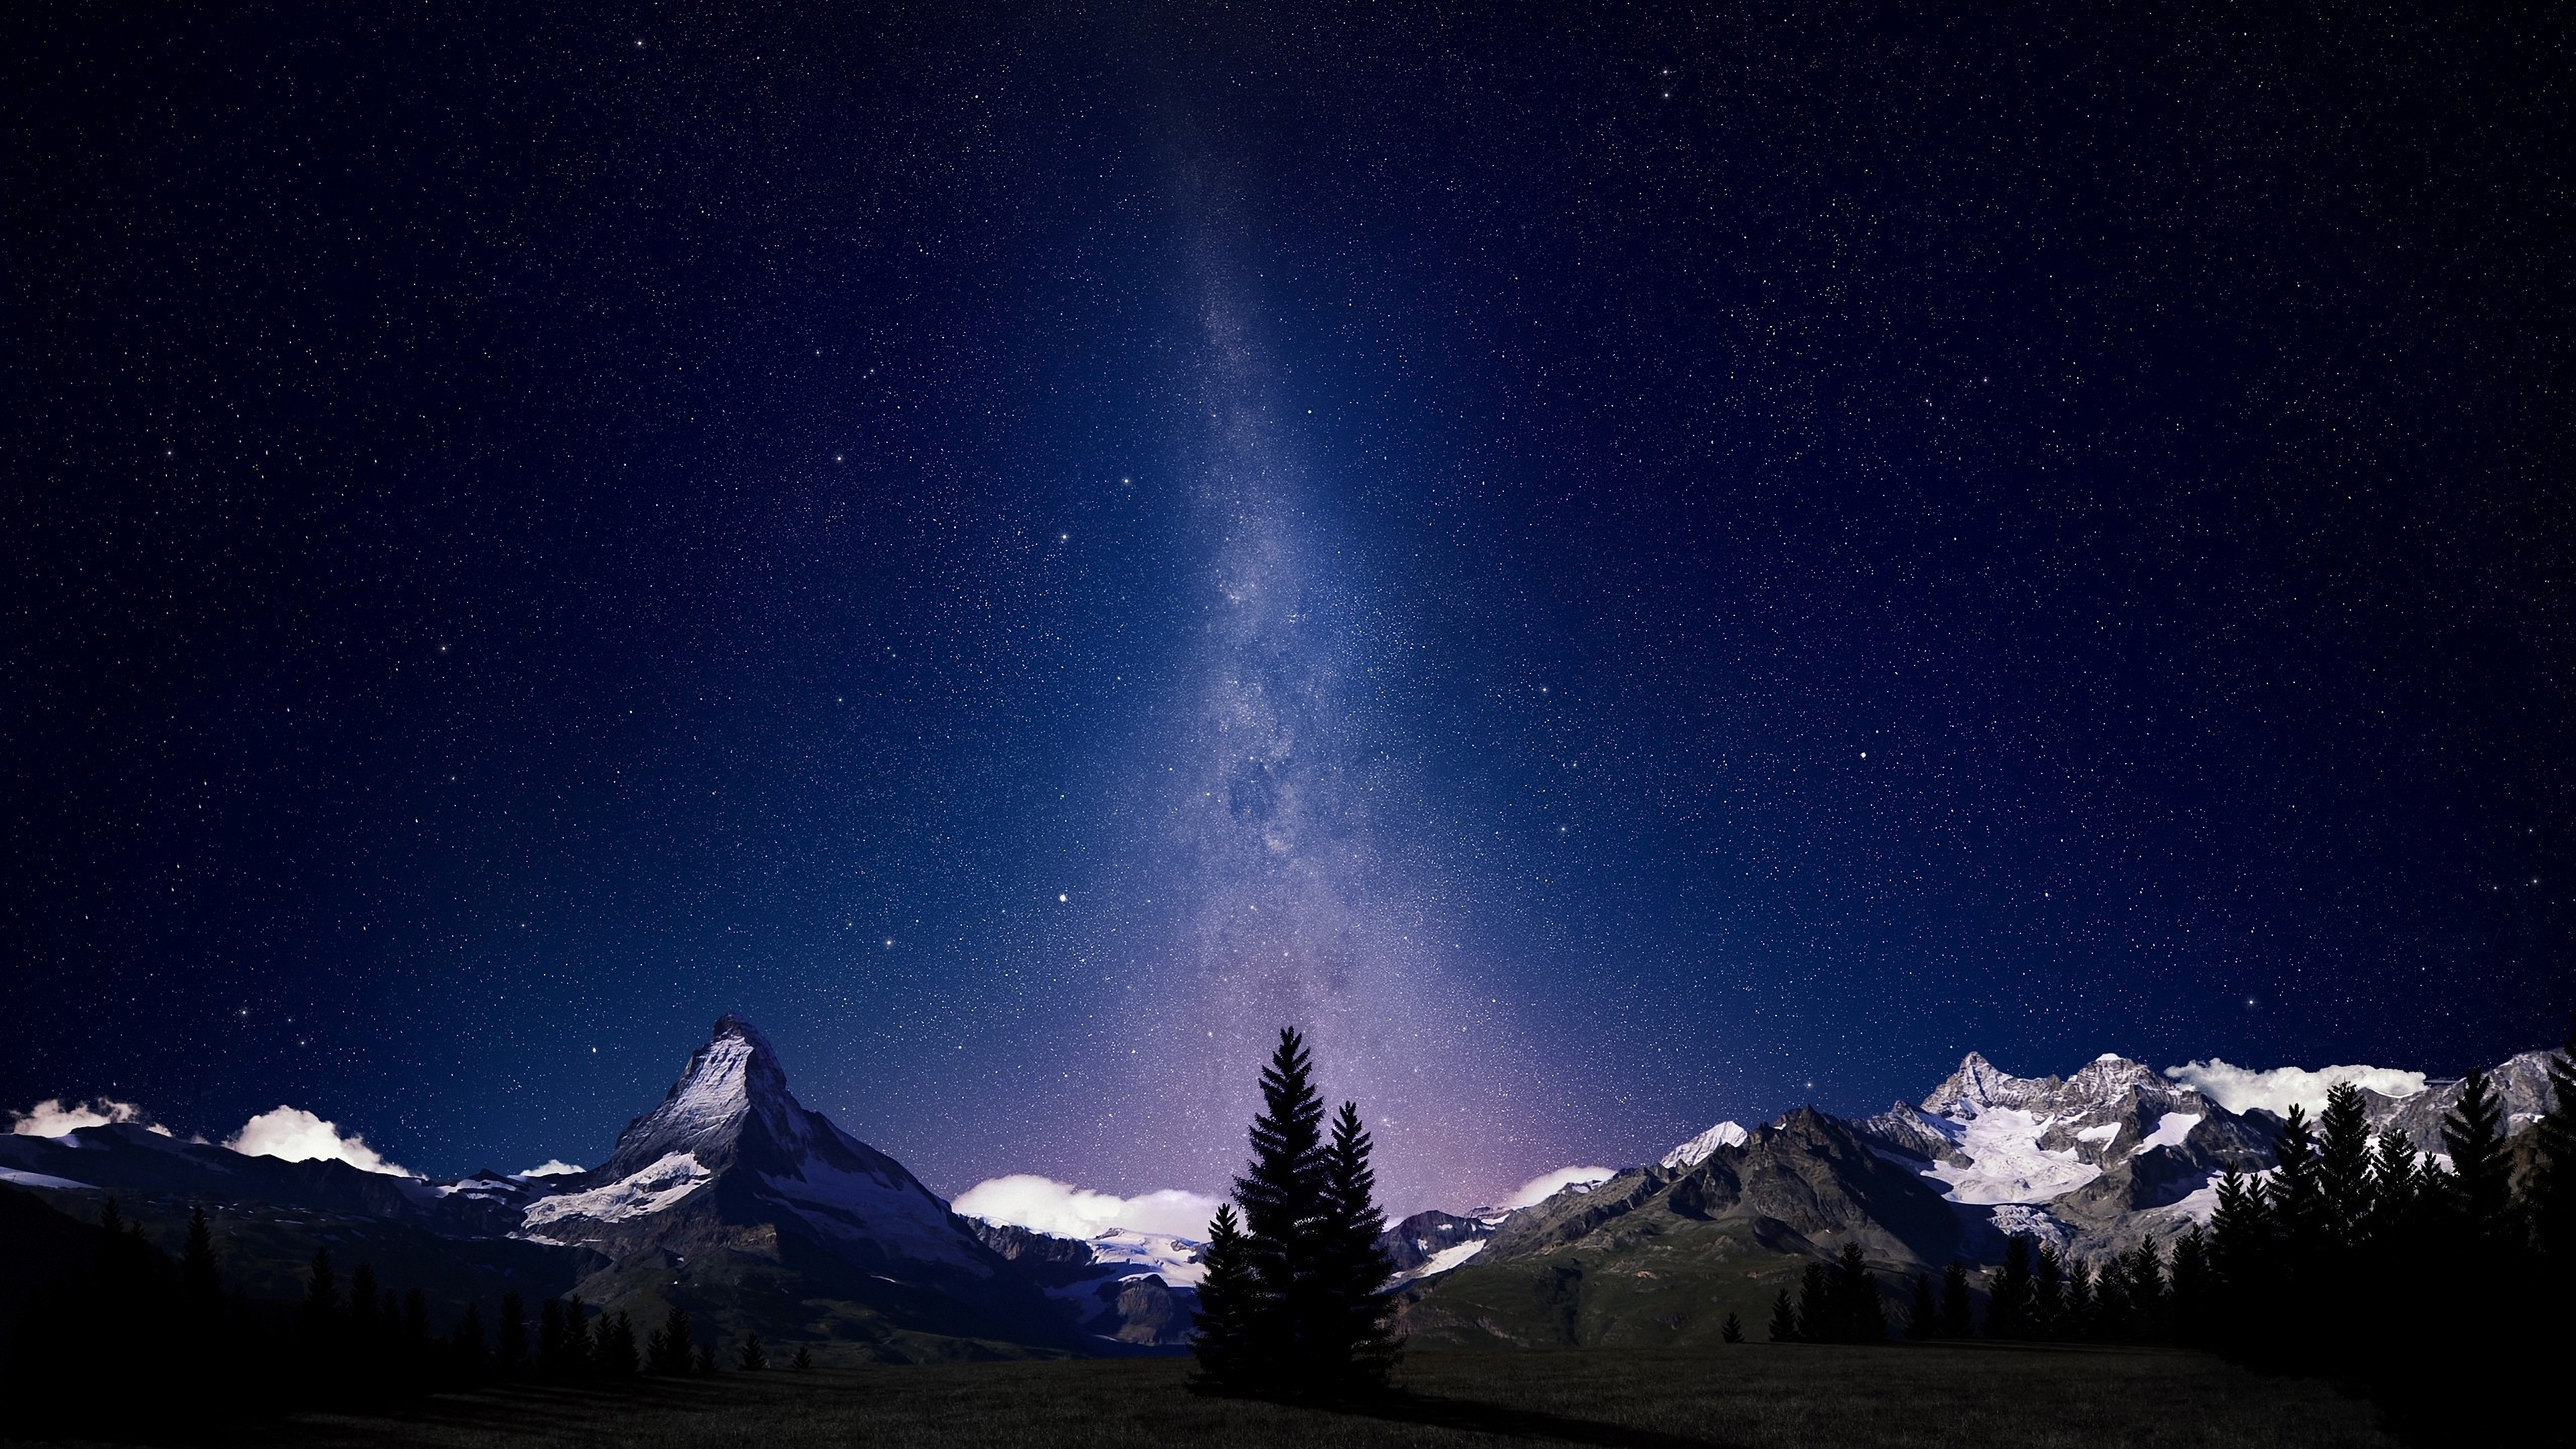 Fondos de pantalla Montañas de noche y estrellas